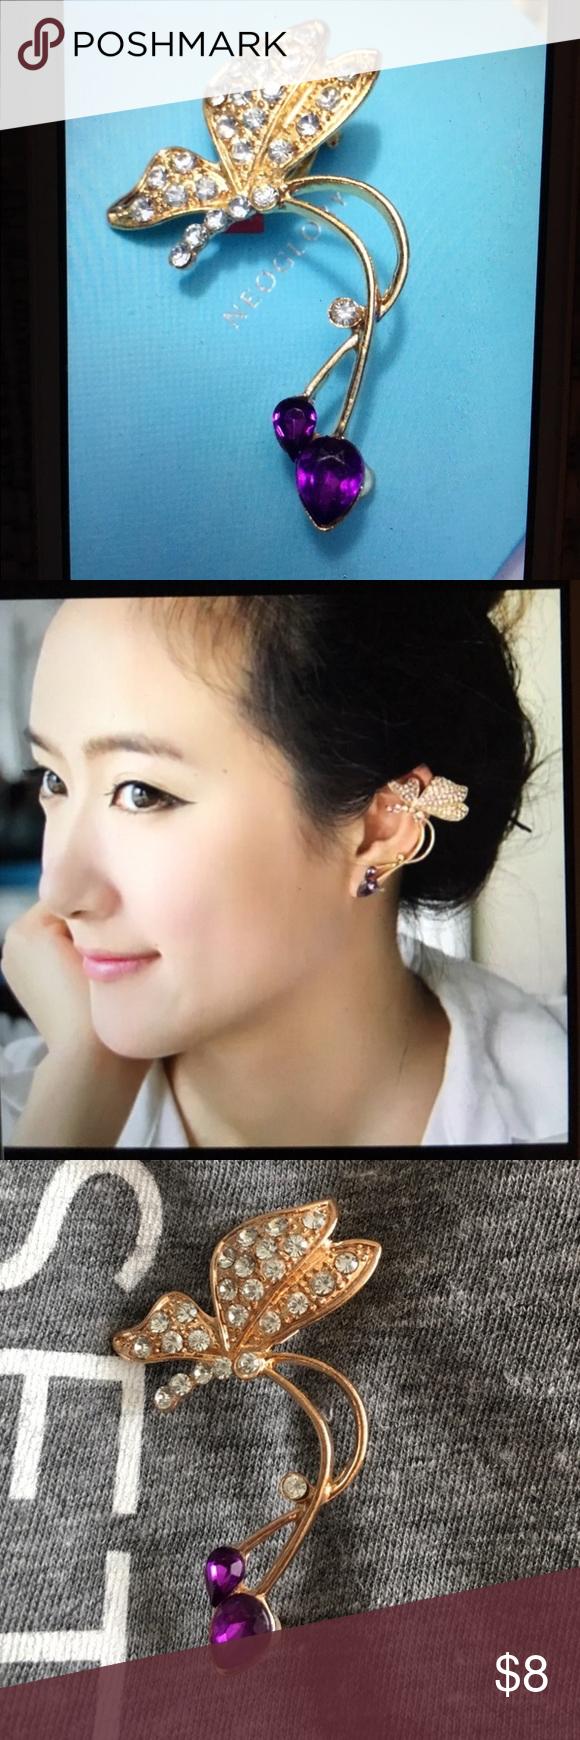 Purple & Gold Ear Earring Left Cuff Descing Asap Jewelry Earrings